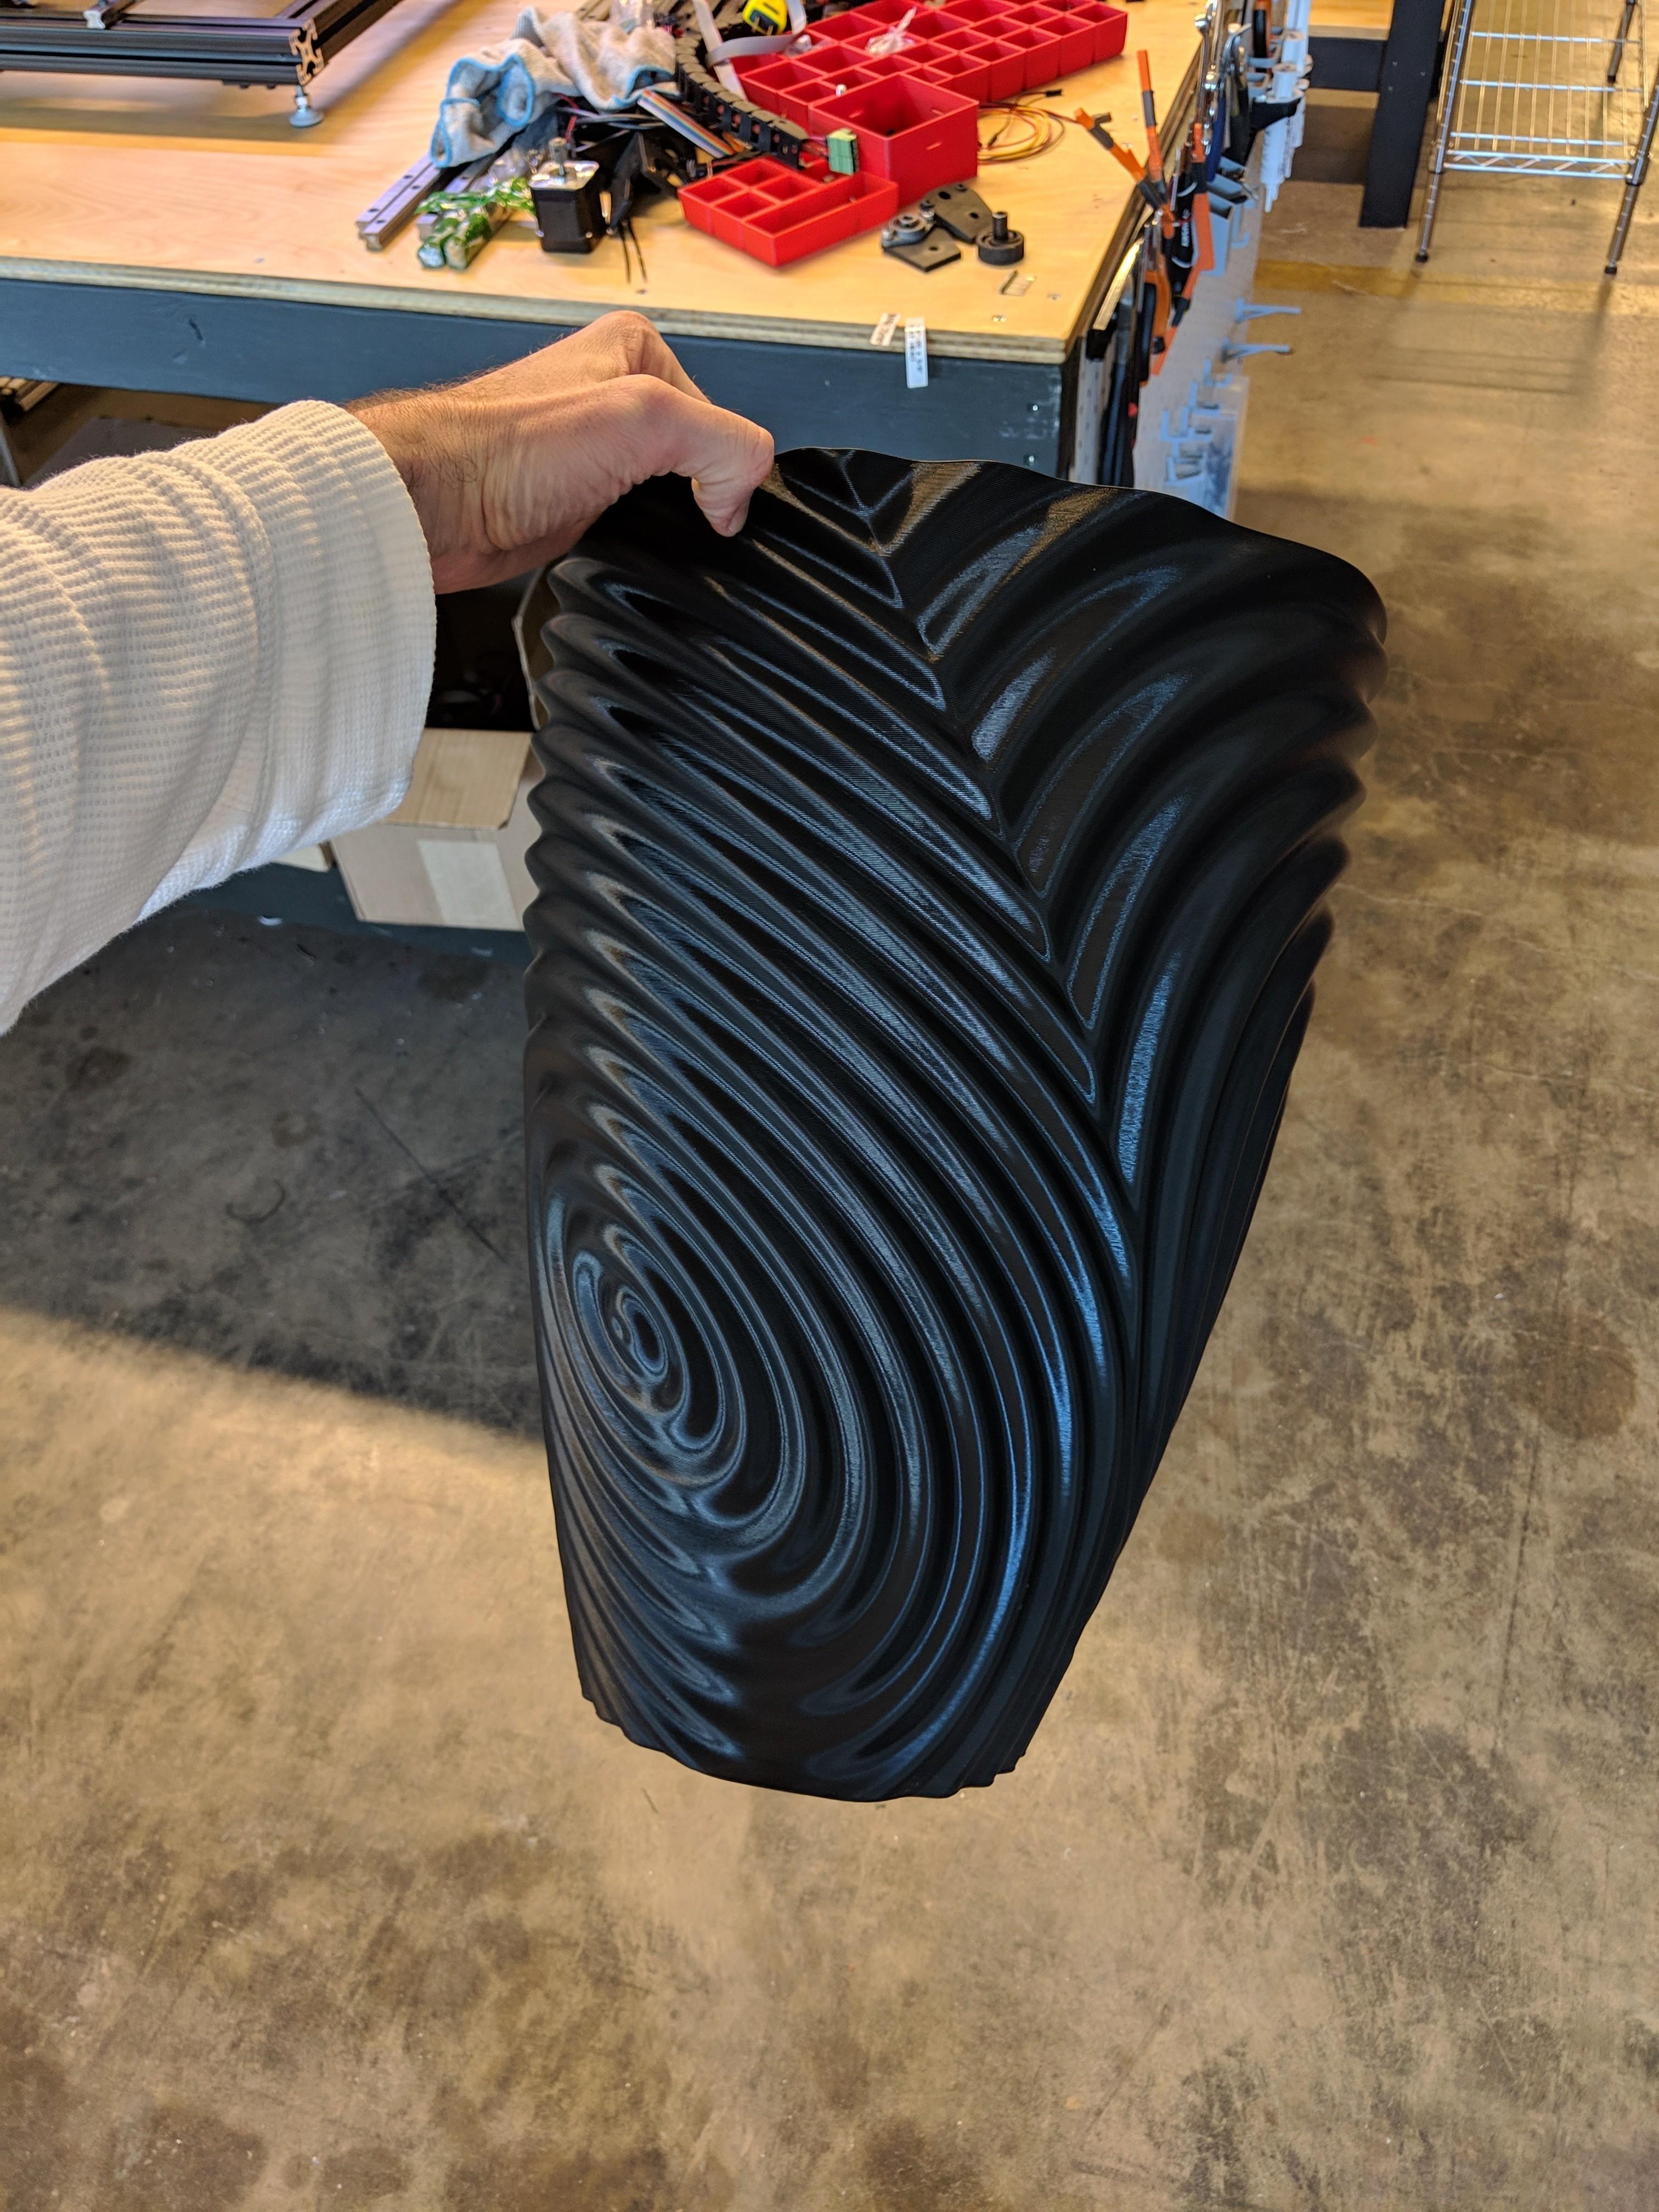 ripple_twist_vase (2).jpg Télécharger fichier STL gratuit Vase torsadé gMax pour vase à ondulation torsadée • Plan pour impression 3D, gCreate